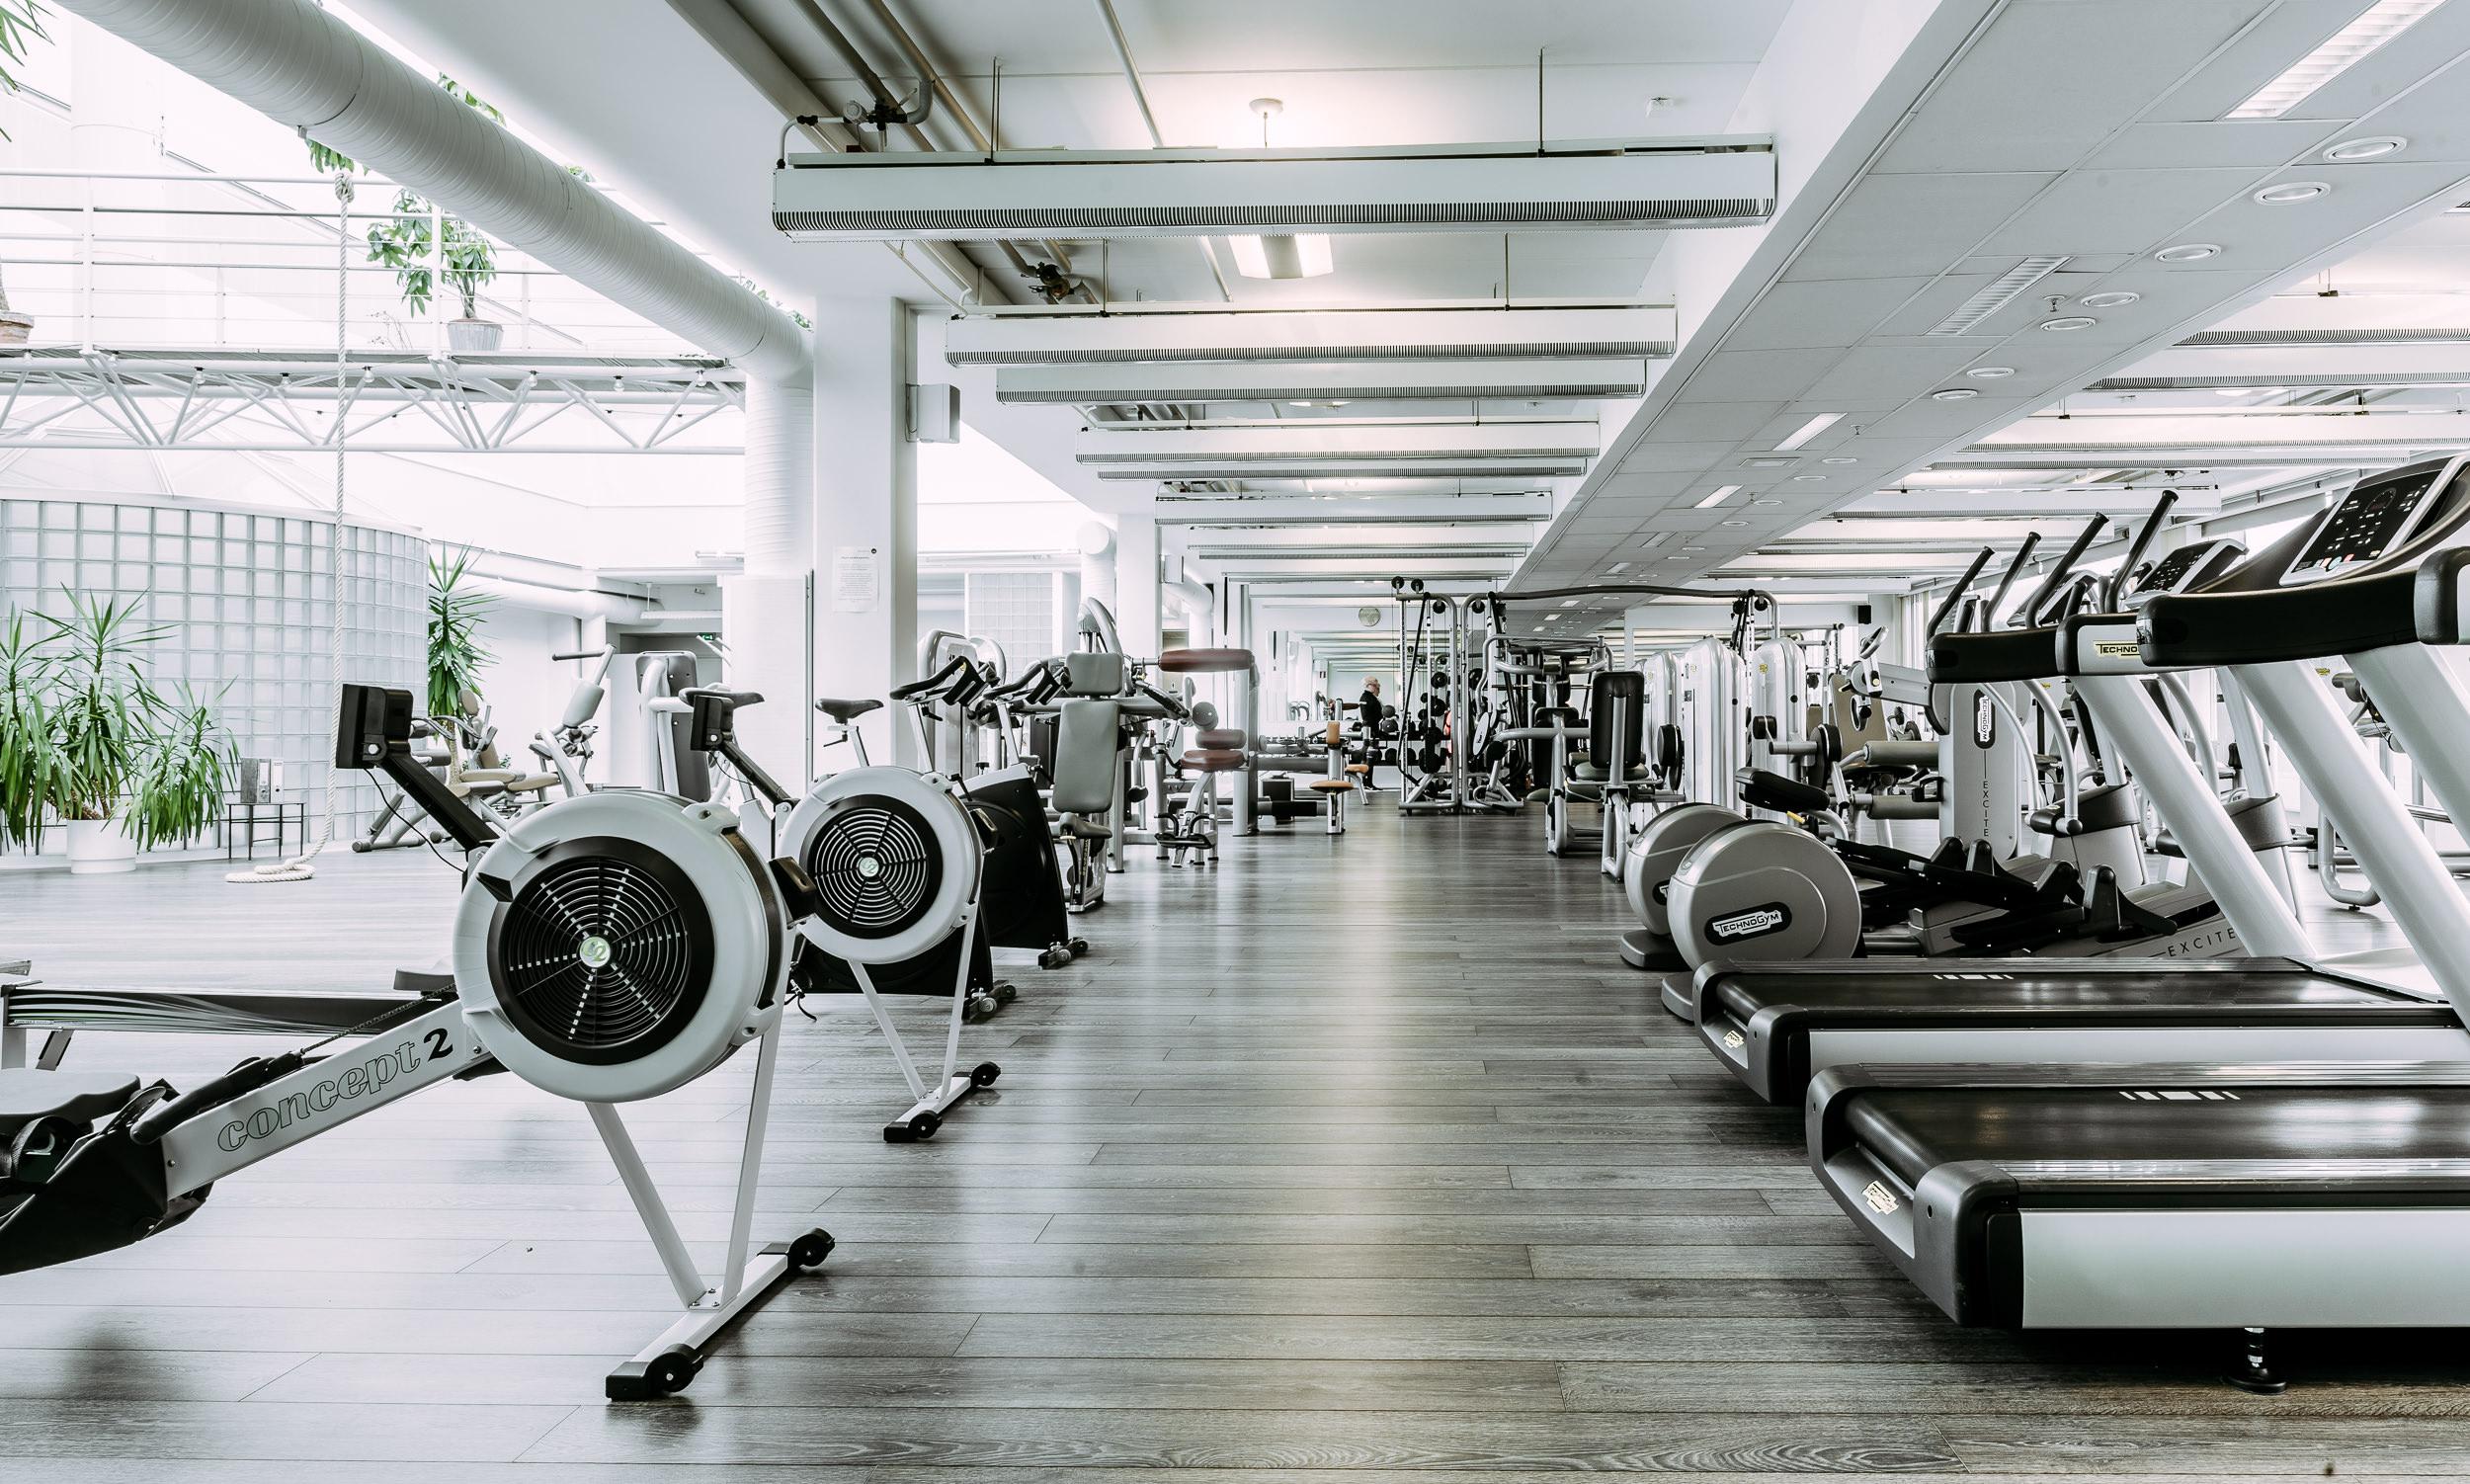 Liikunnan uudelleen aloittamisesta kaivattua energiaa arkeen